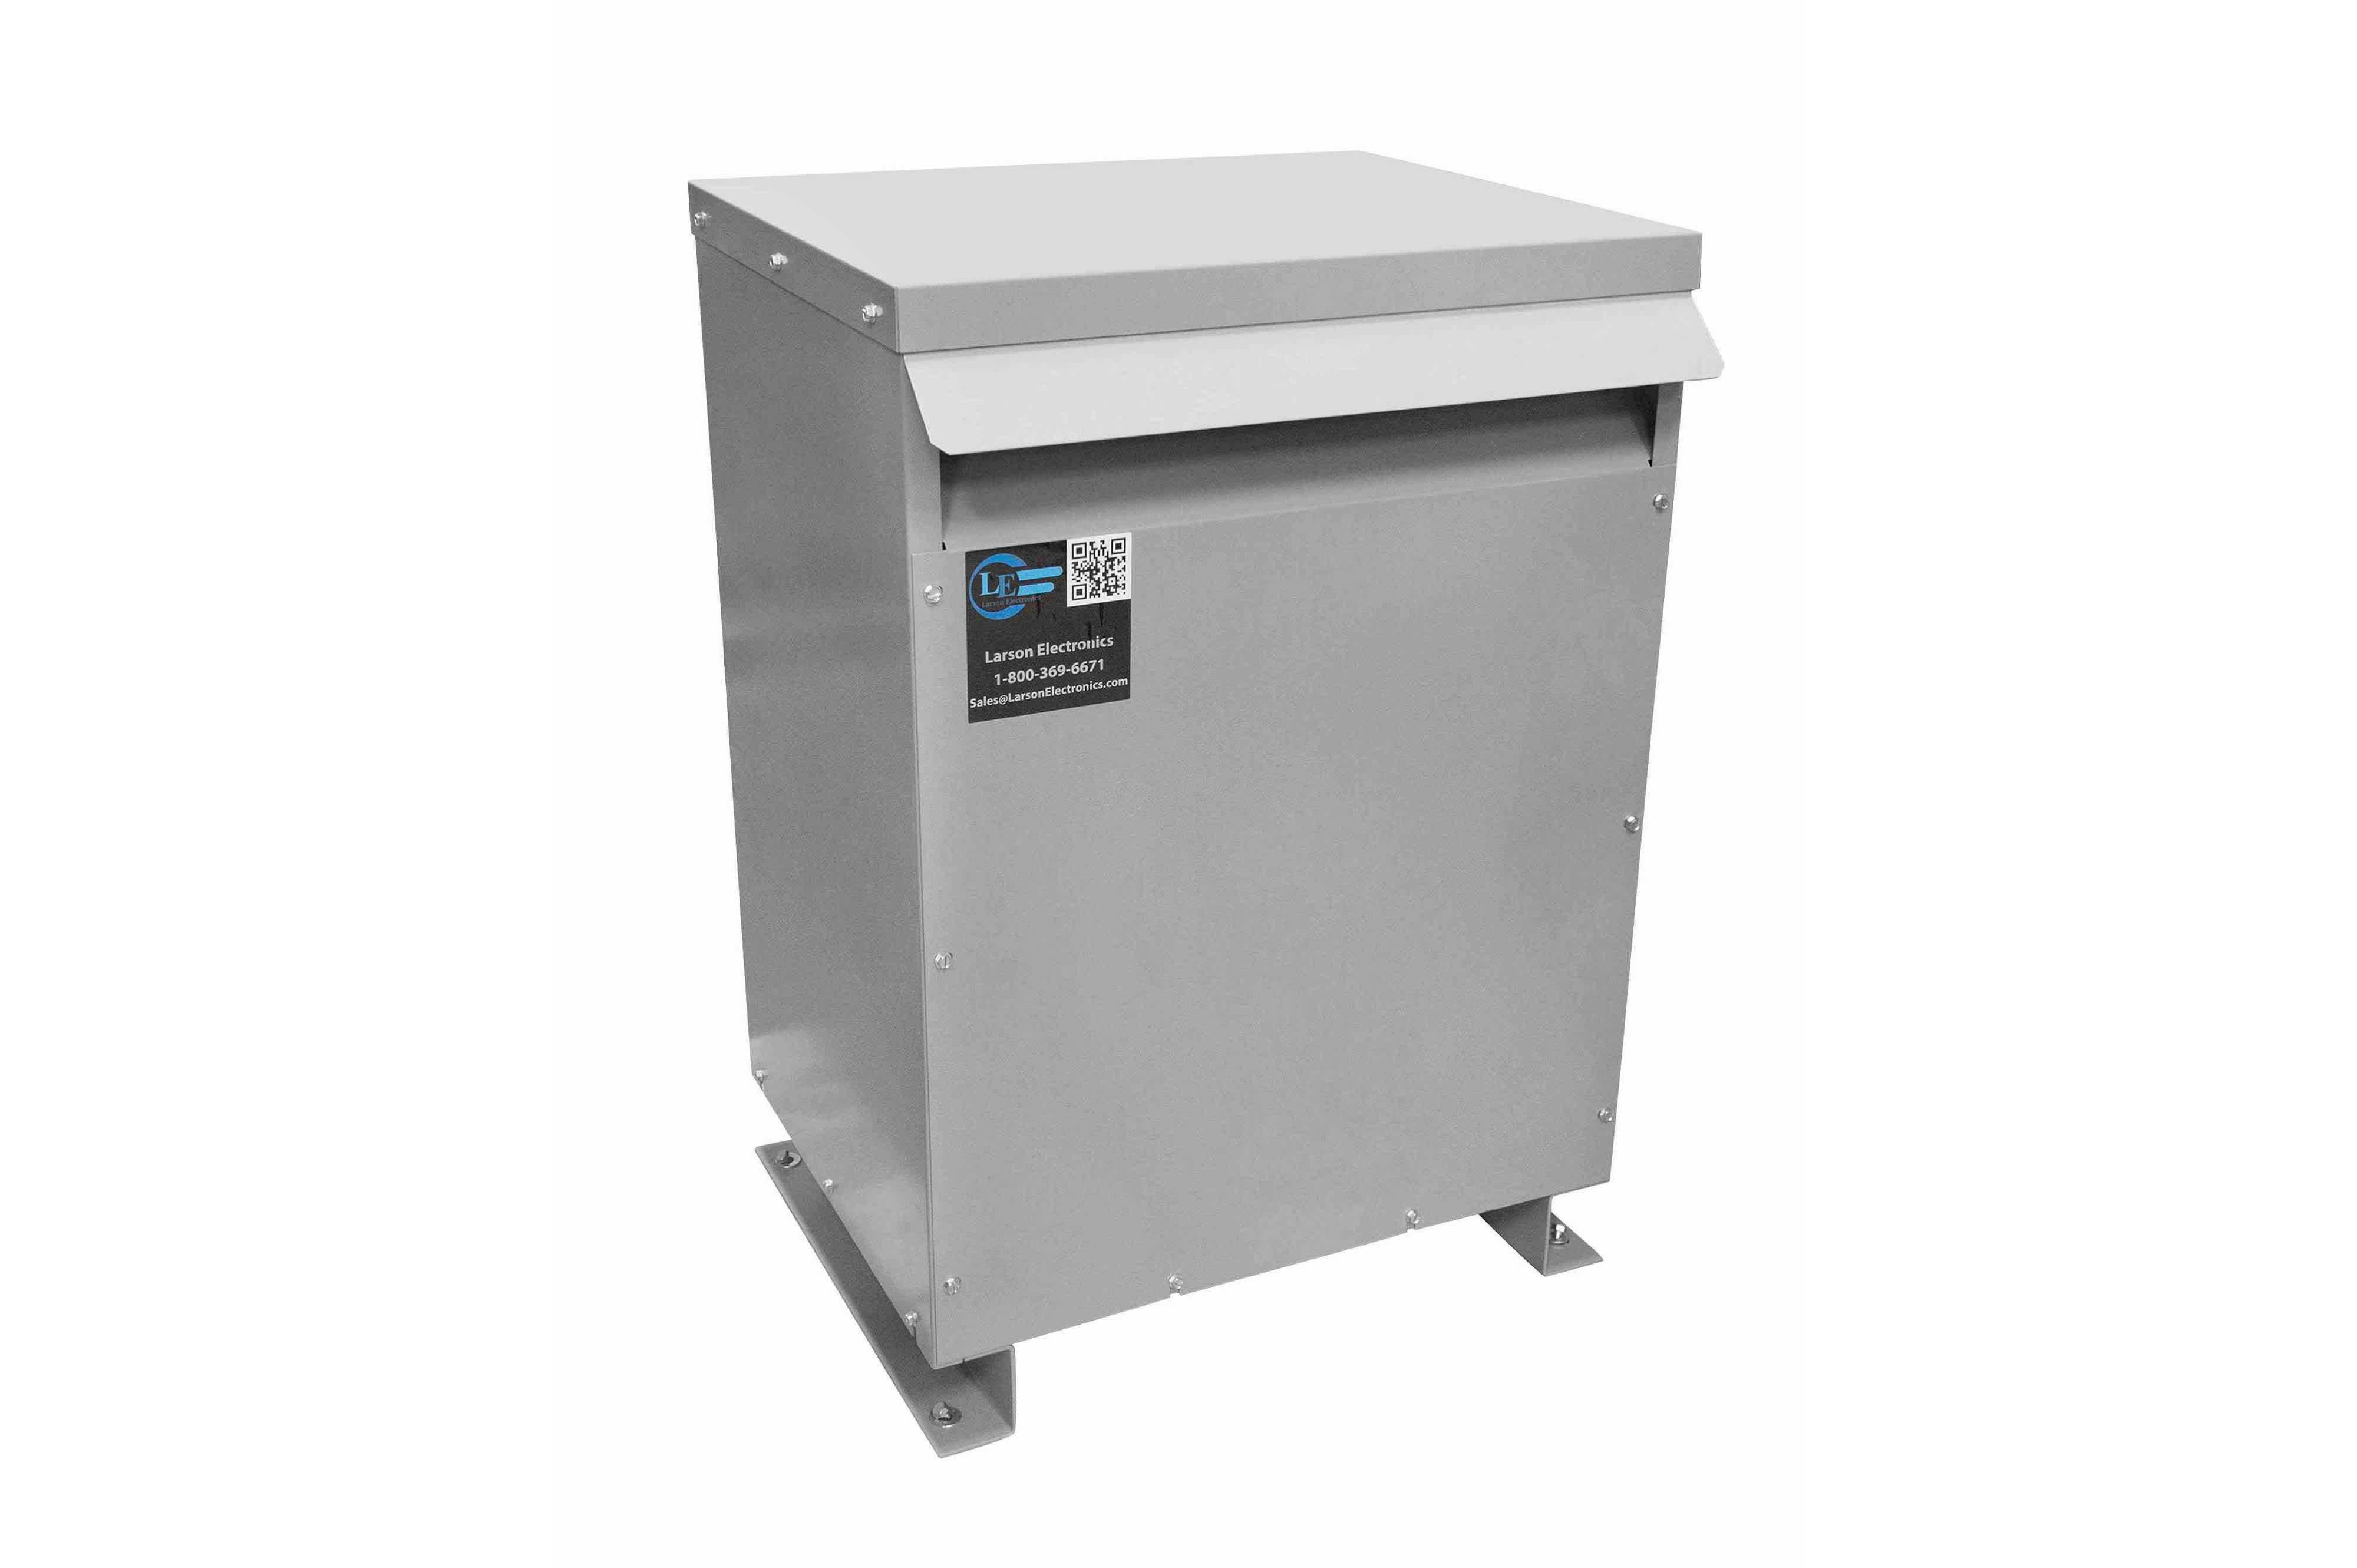 65 kVA 3PH Isolation Transformer, 460V Delta Primary, 240 Delta Secondary, N3R, Ventilated, 60 Hz